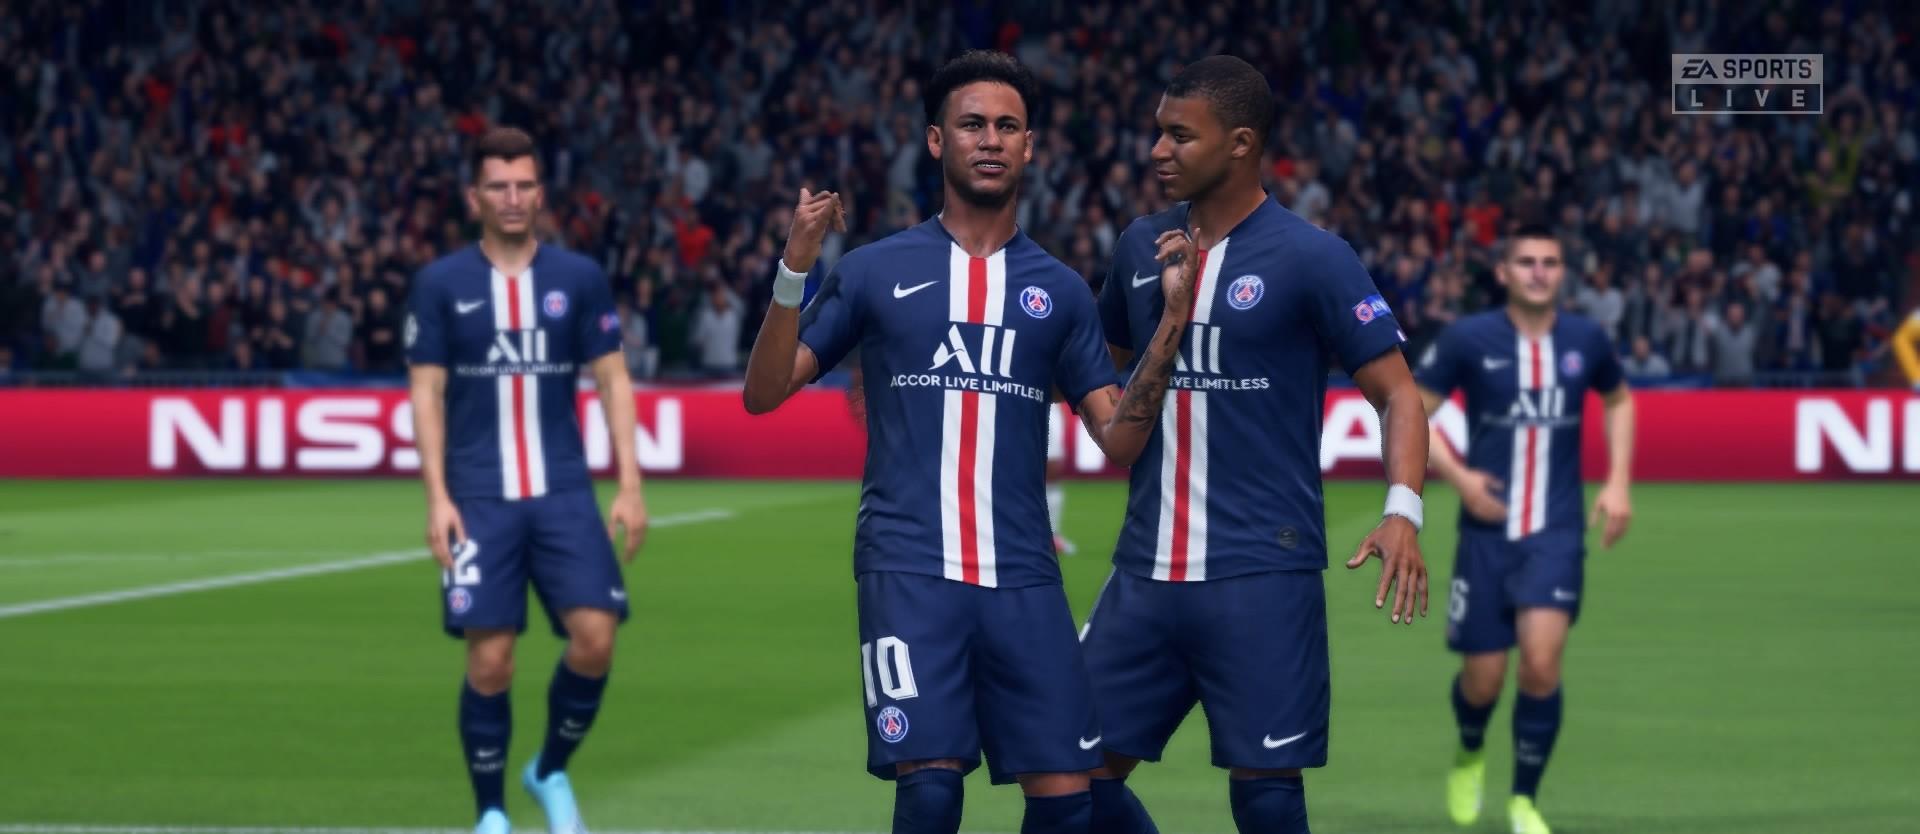 FIFA 20: Die besten Flügel-Talente – Junge LF, RF, LM, RM in der Karriere